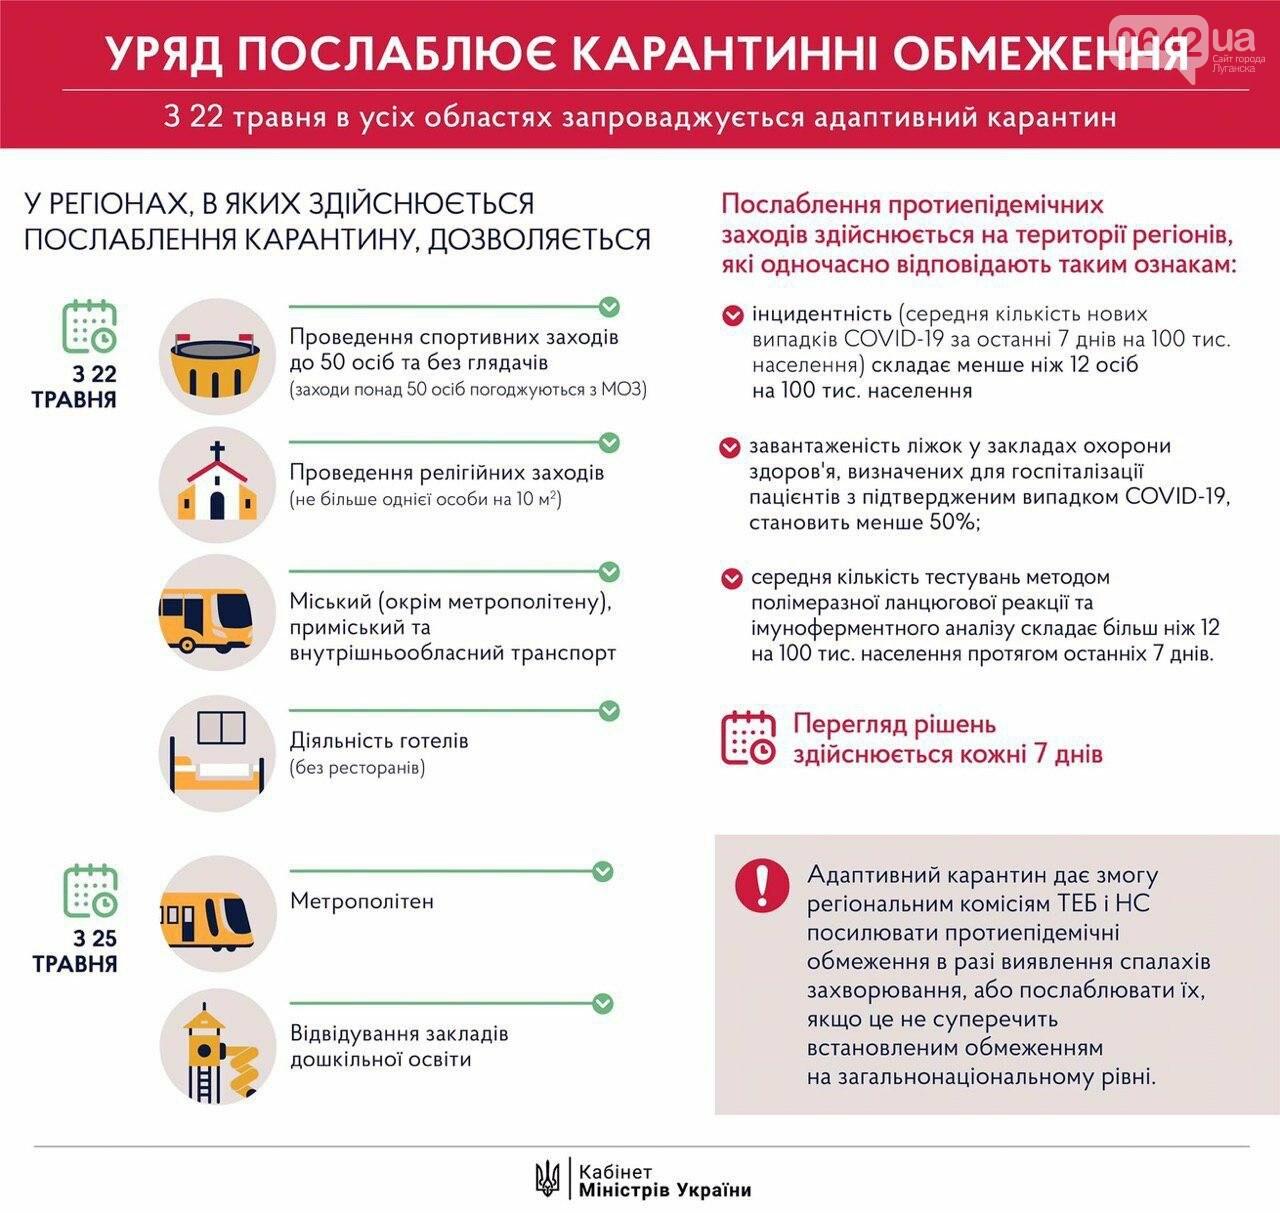 В Украине установлен адаптивный карантин на месяц, фото-1